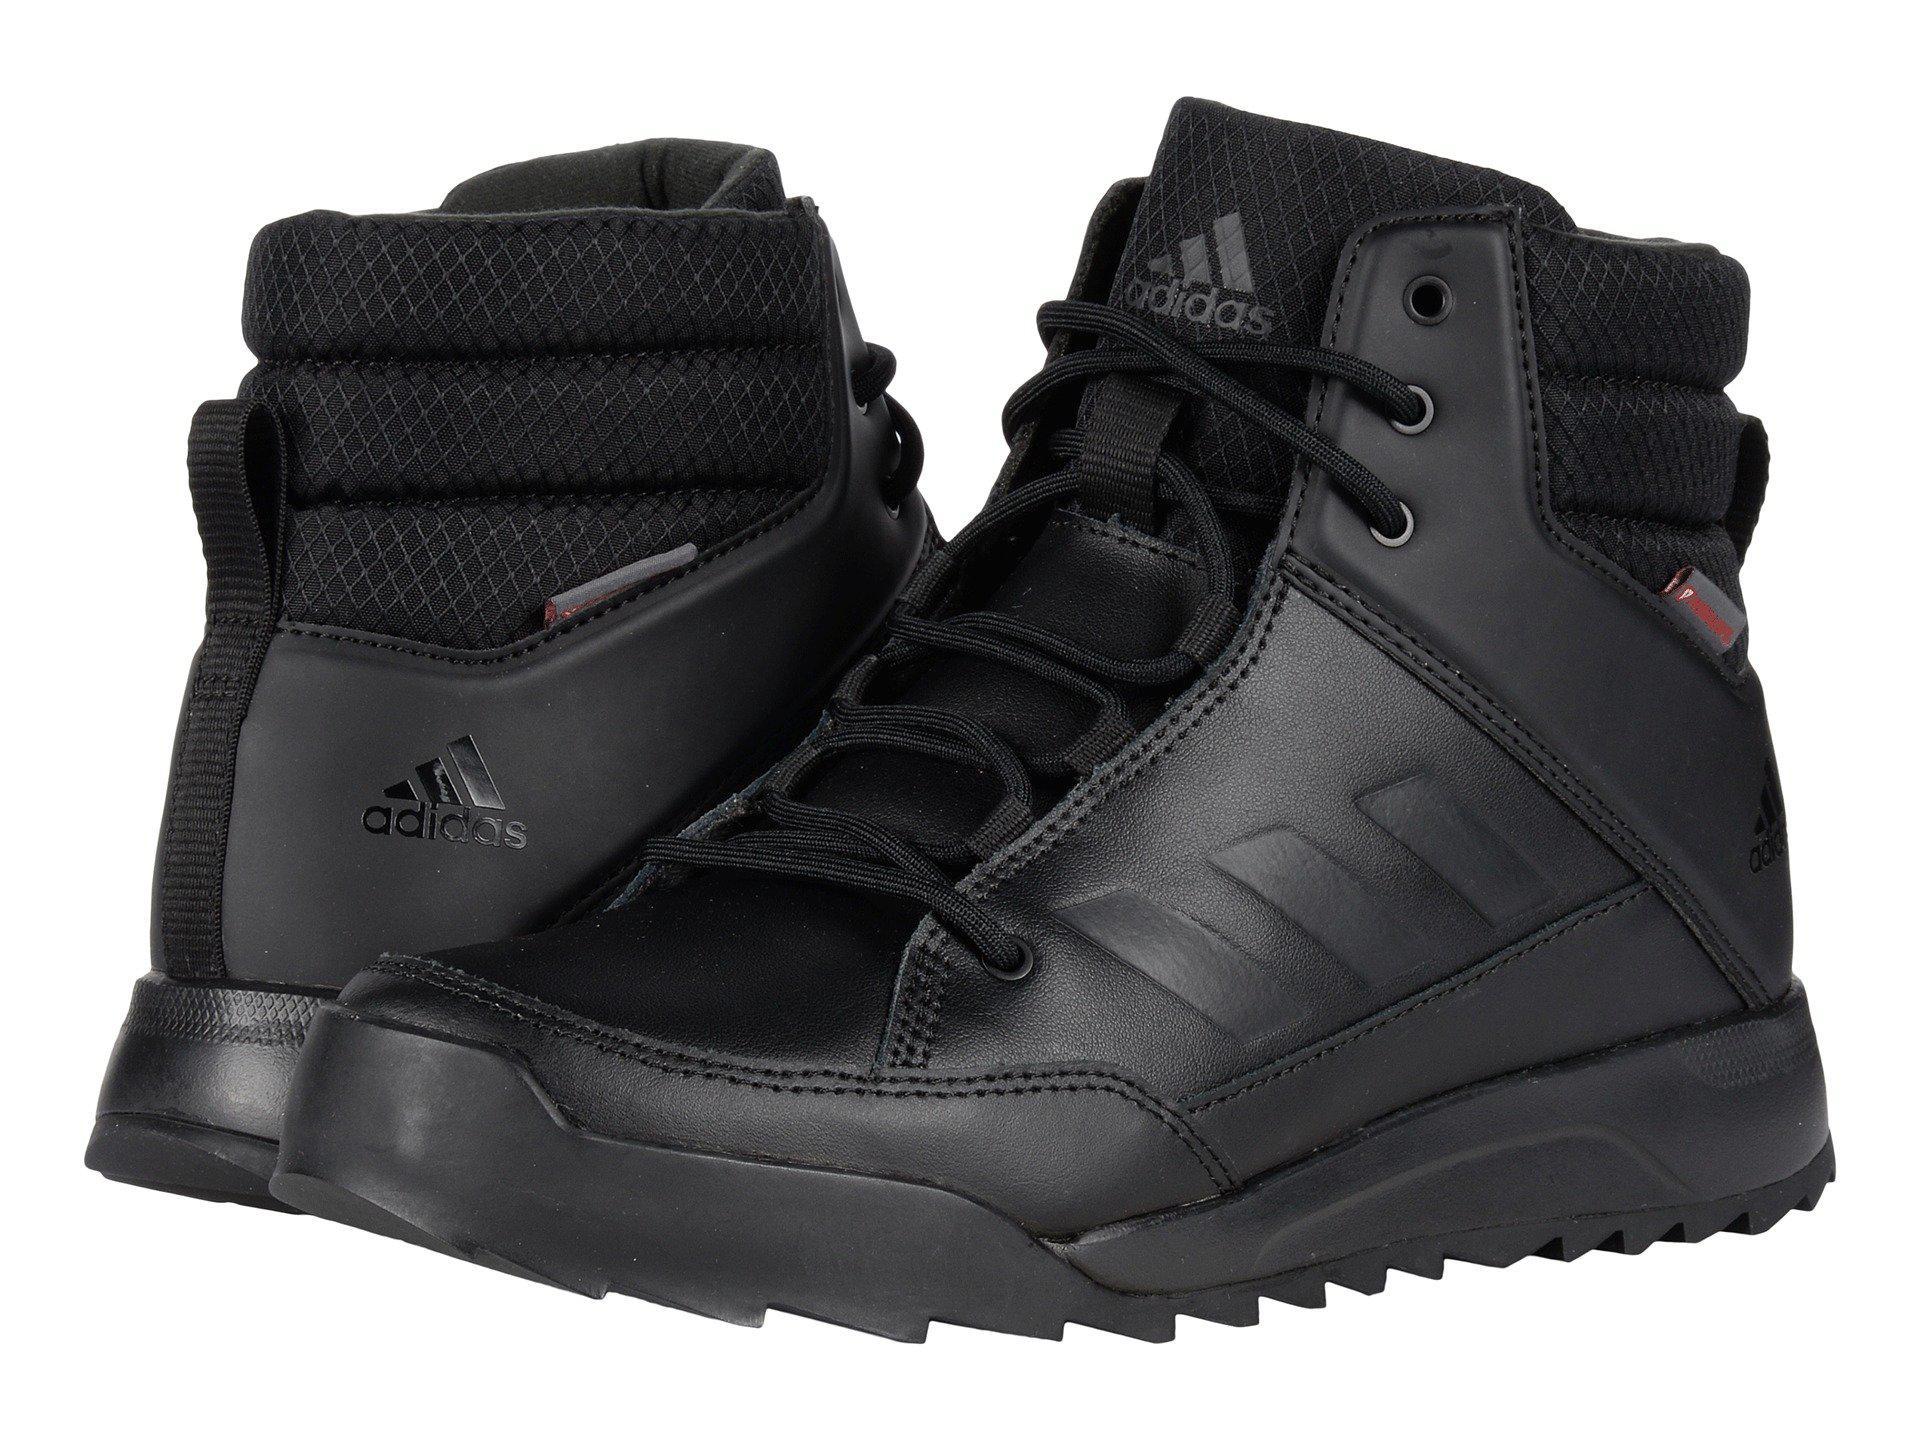 Lyst adidas Originals CW choleah zapatilla de cuero en negro para hombres